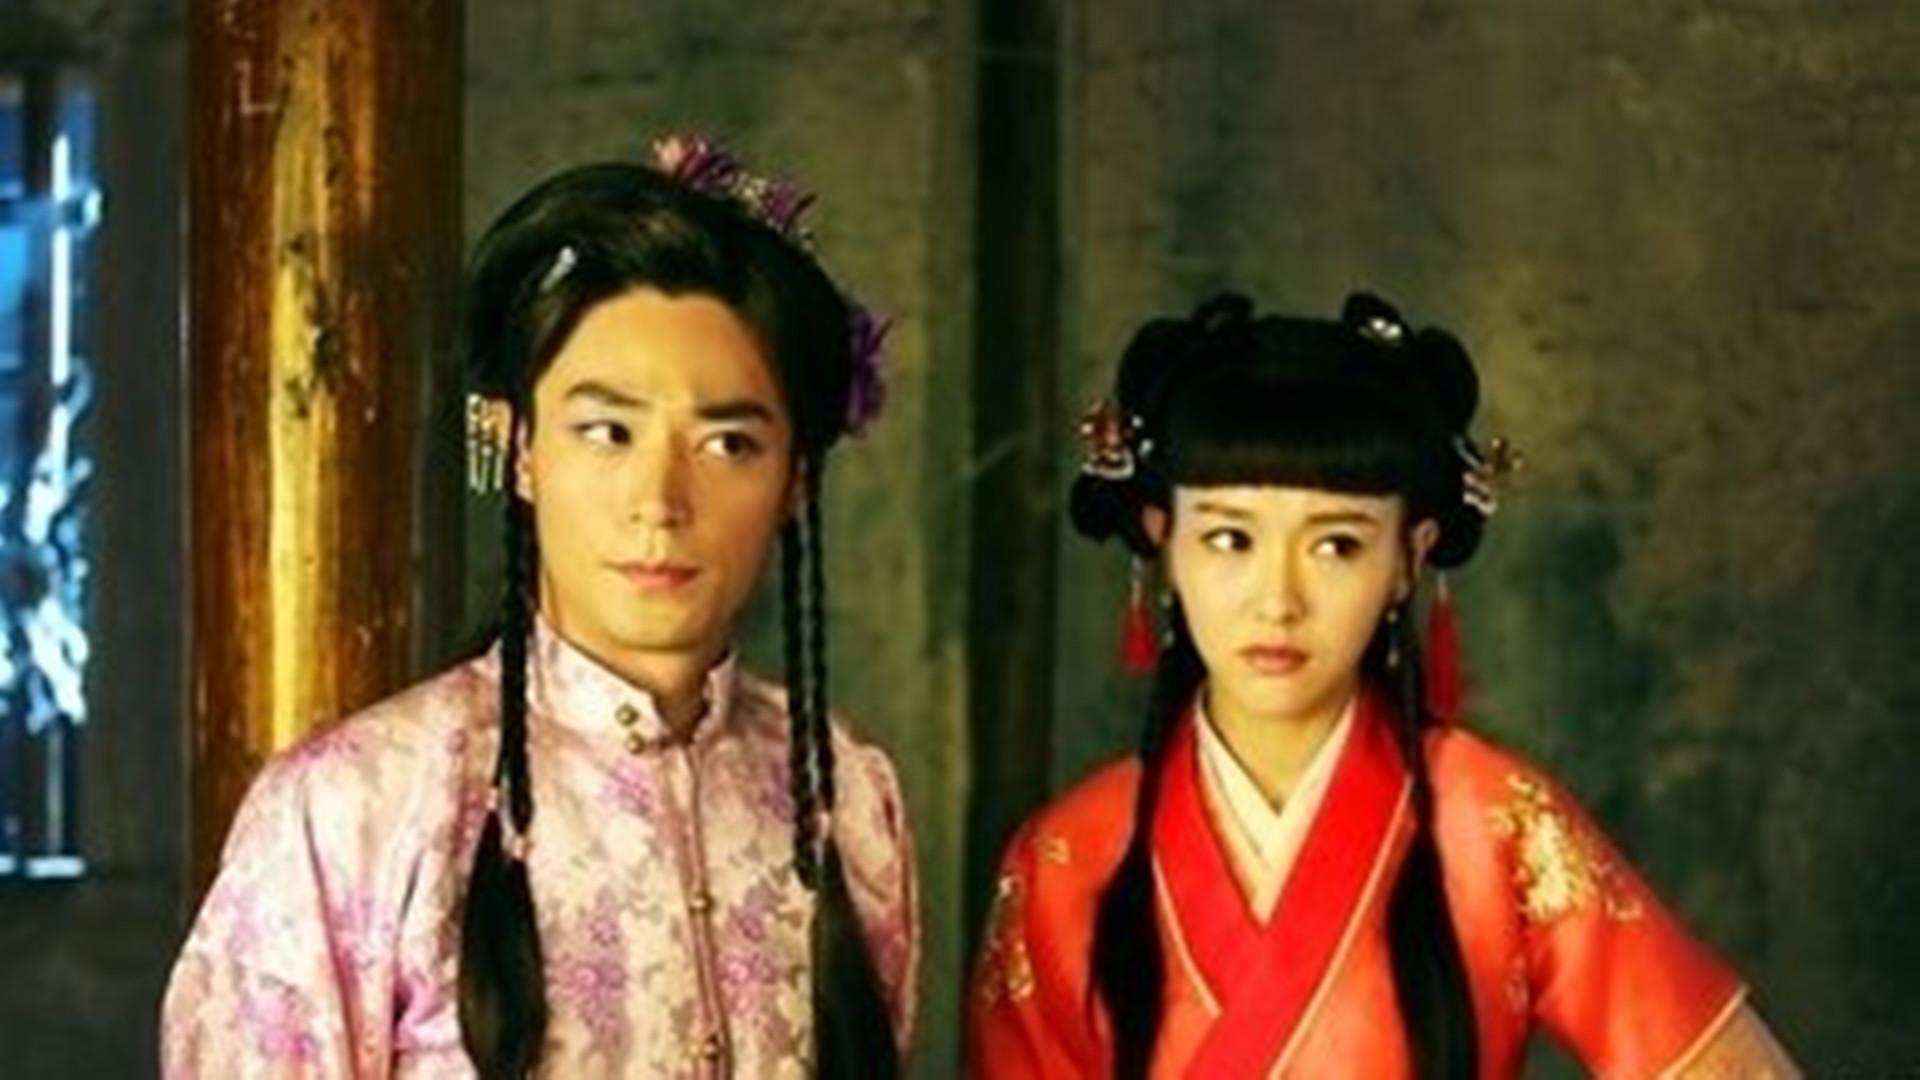 剧中男演员的女装造型,马天宇演绎绝世美女,最后一位辣眼睛